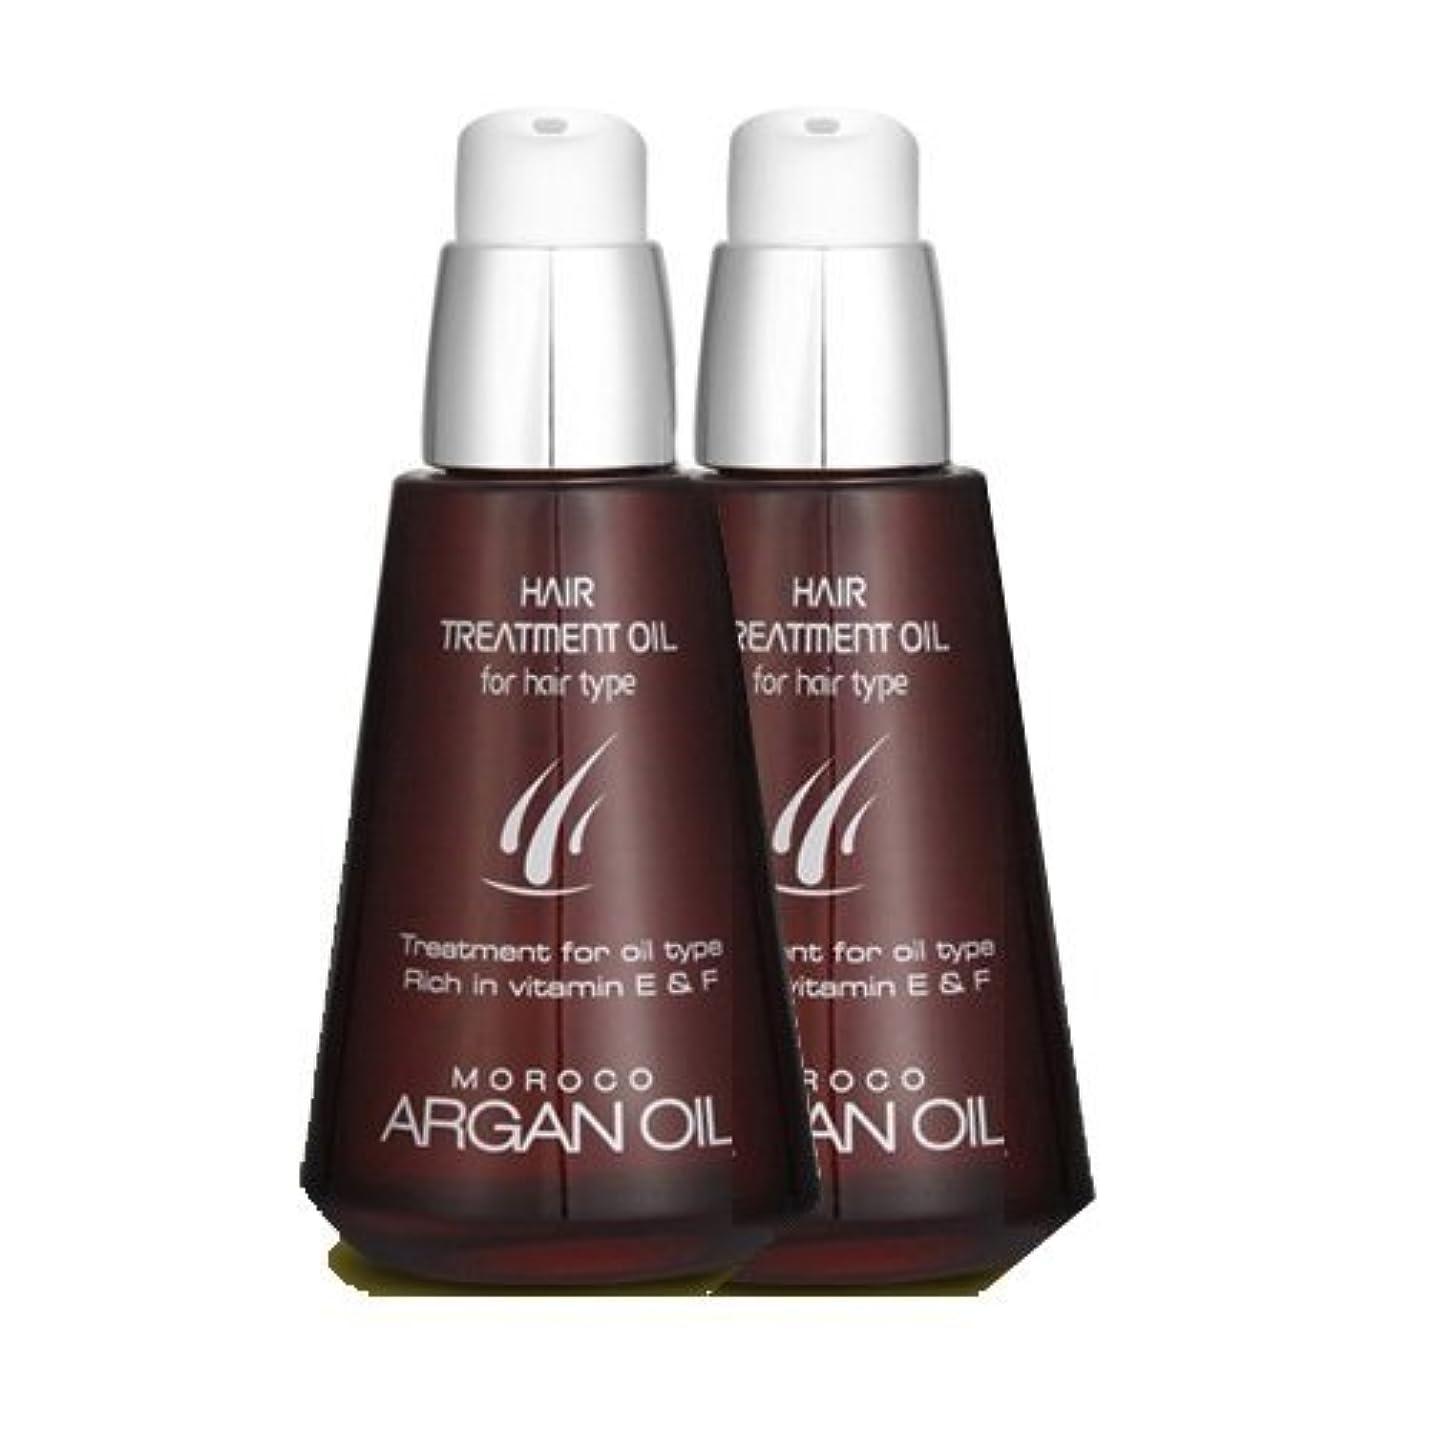 溶岩会社敬な2個大事なあなたに/保湿/モロッコの伝統的な生産アルガンオイル100%30ml乾燥肌/